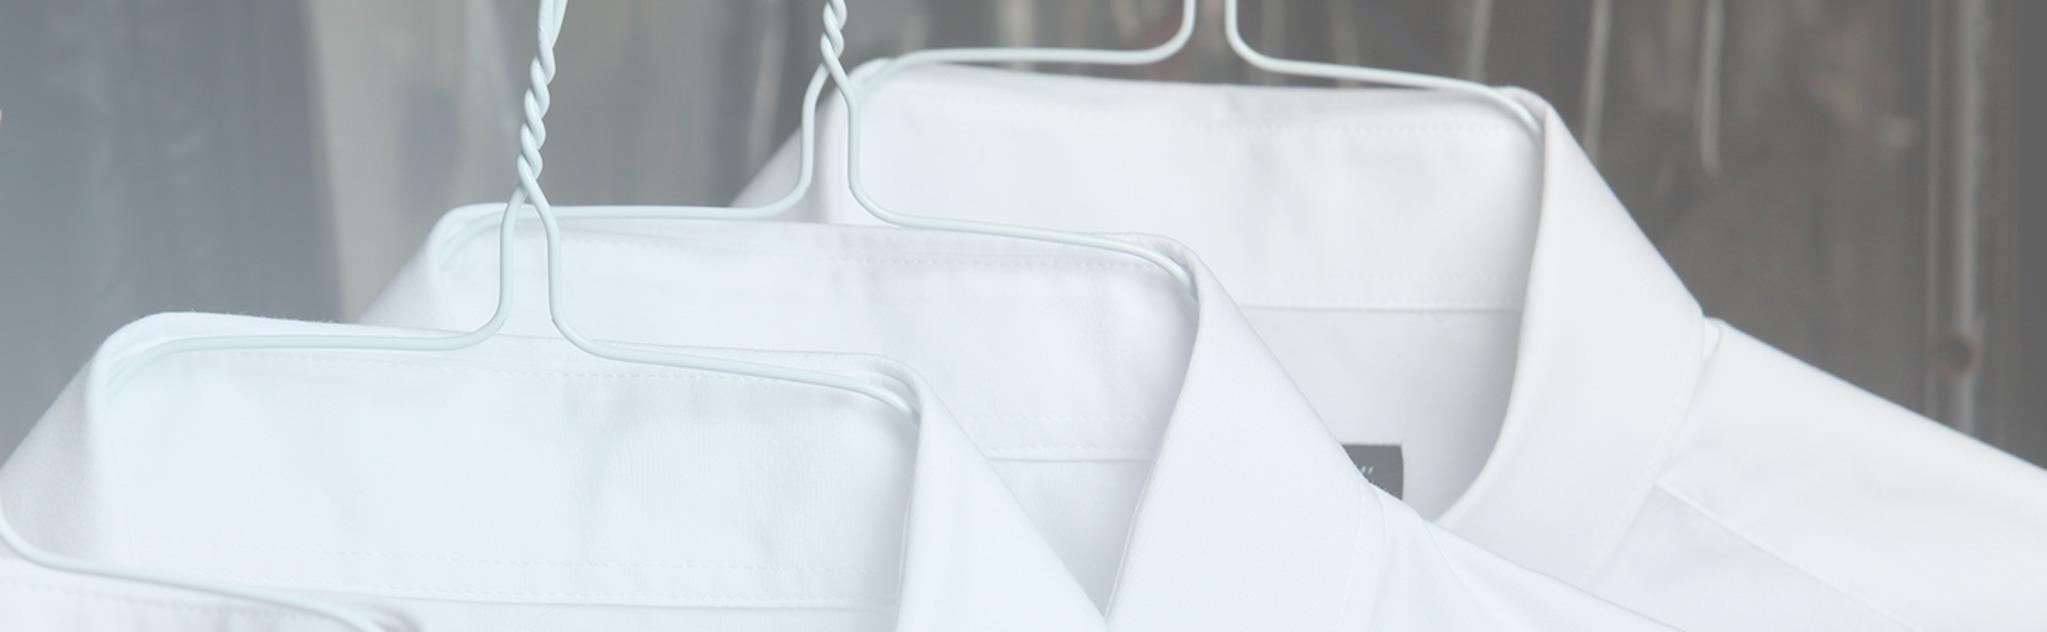 Næstved Vaske (@vaskecenter) Cover Image